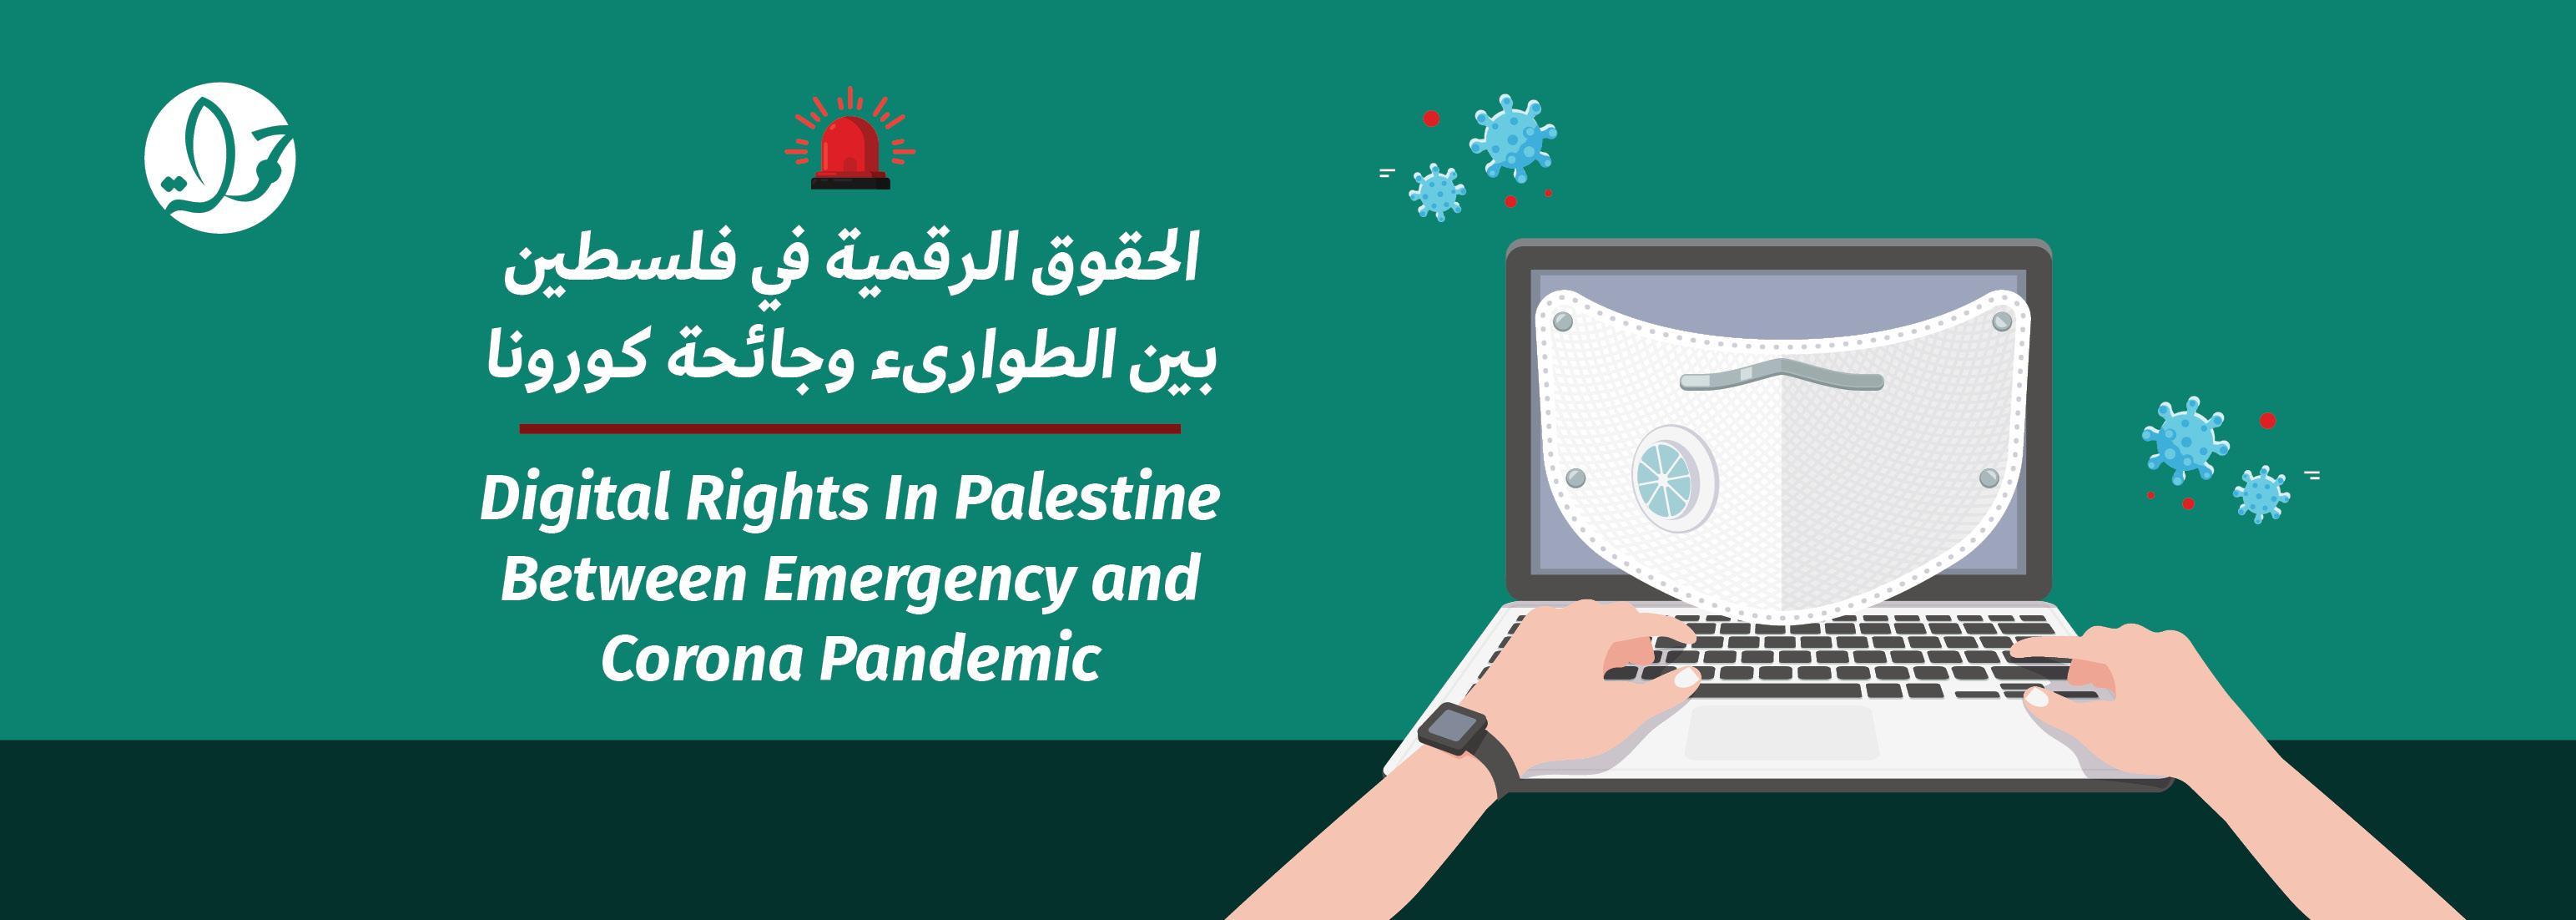 الحقوق الرقمية في فلسطين